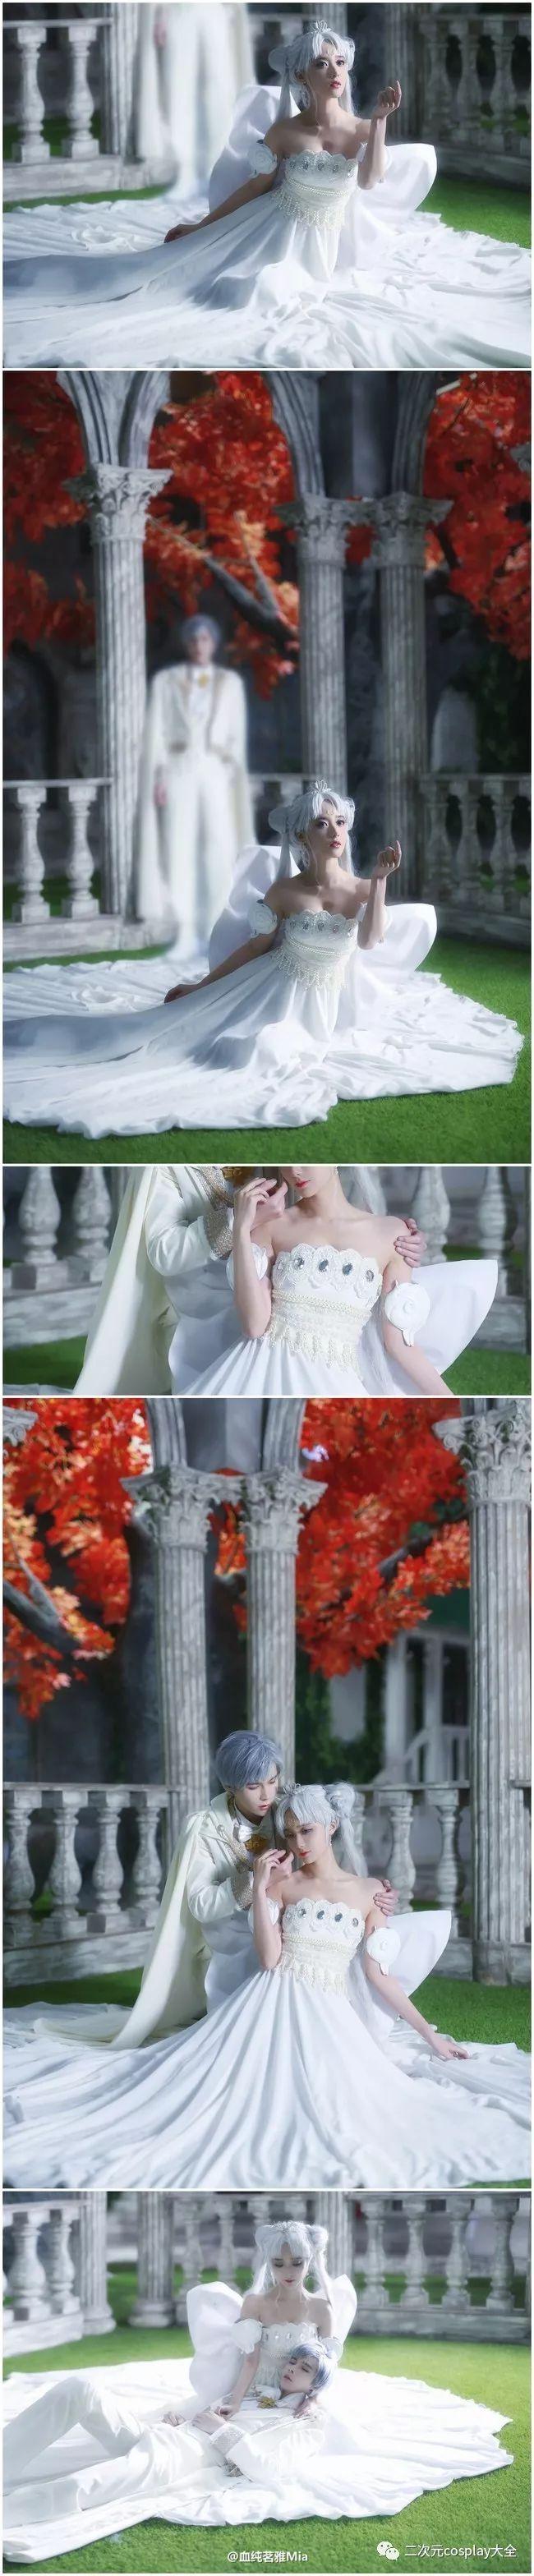 美少女战士经典婚礼殿堂:倩尼迪女王与安迪米欧国王甜蜜cos